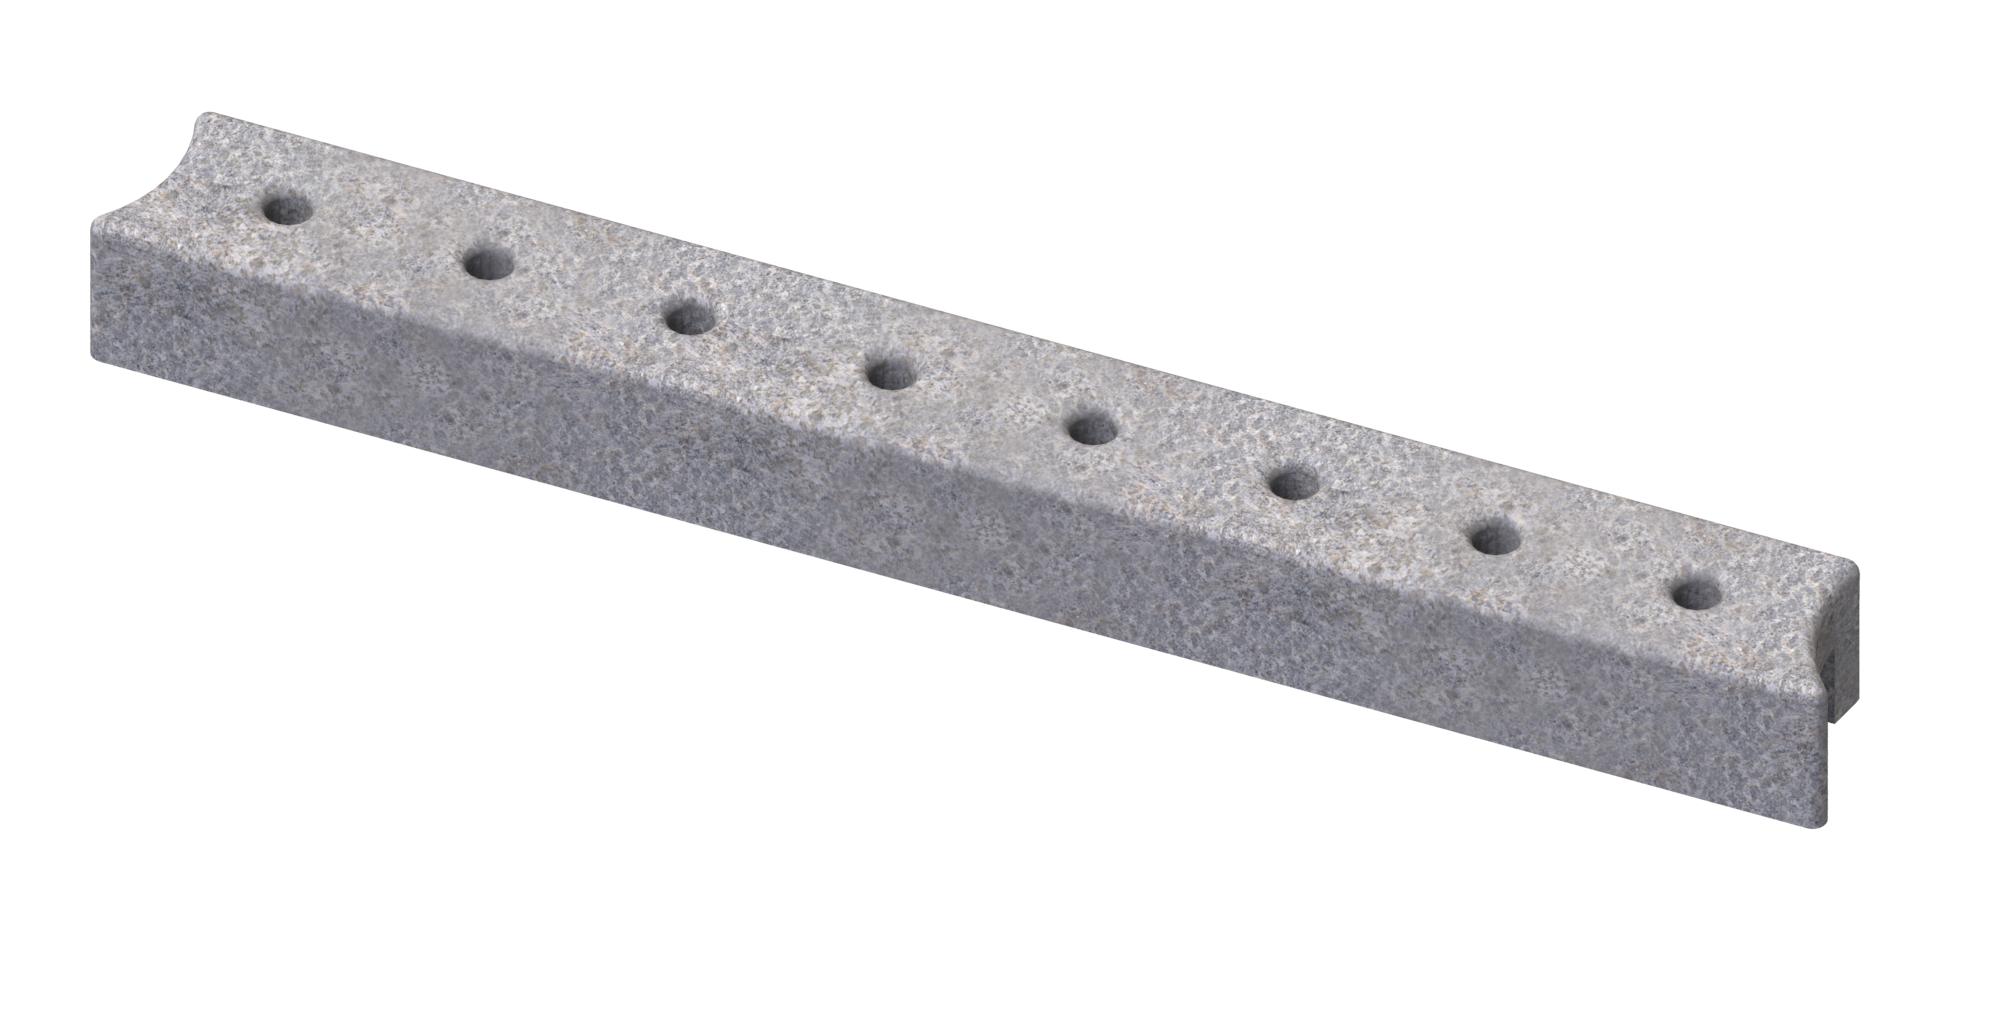 Талькохлоритные элементы: Верхний талькохлоритный элемент SAWO HP25-001 для печи NIMBUS V12 (640х70х60мм)